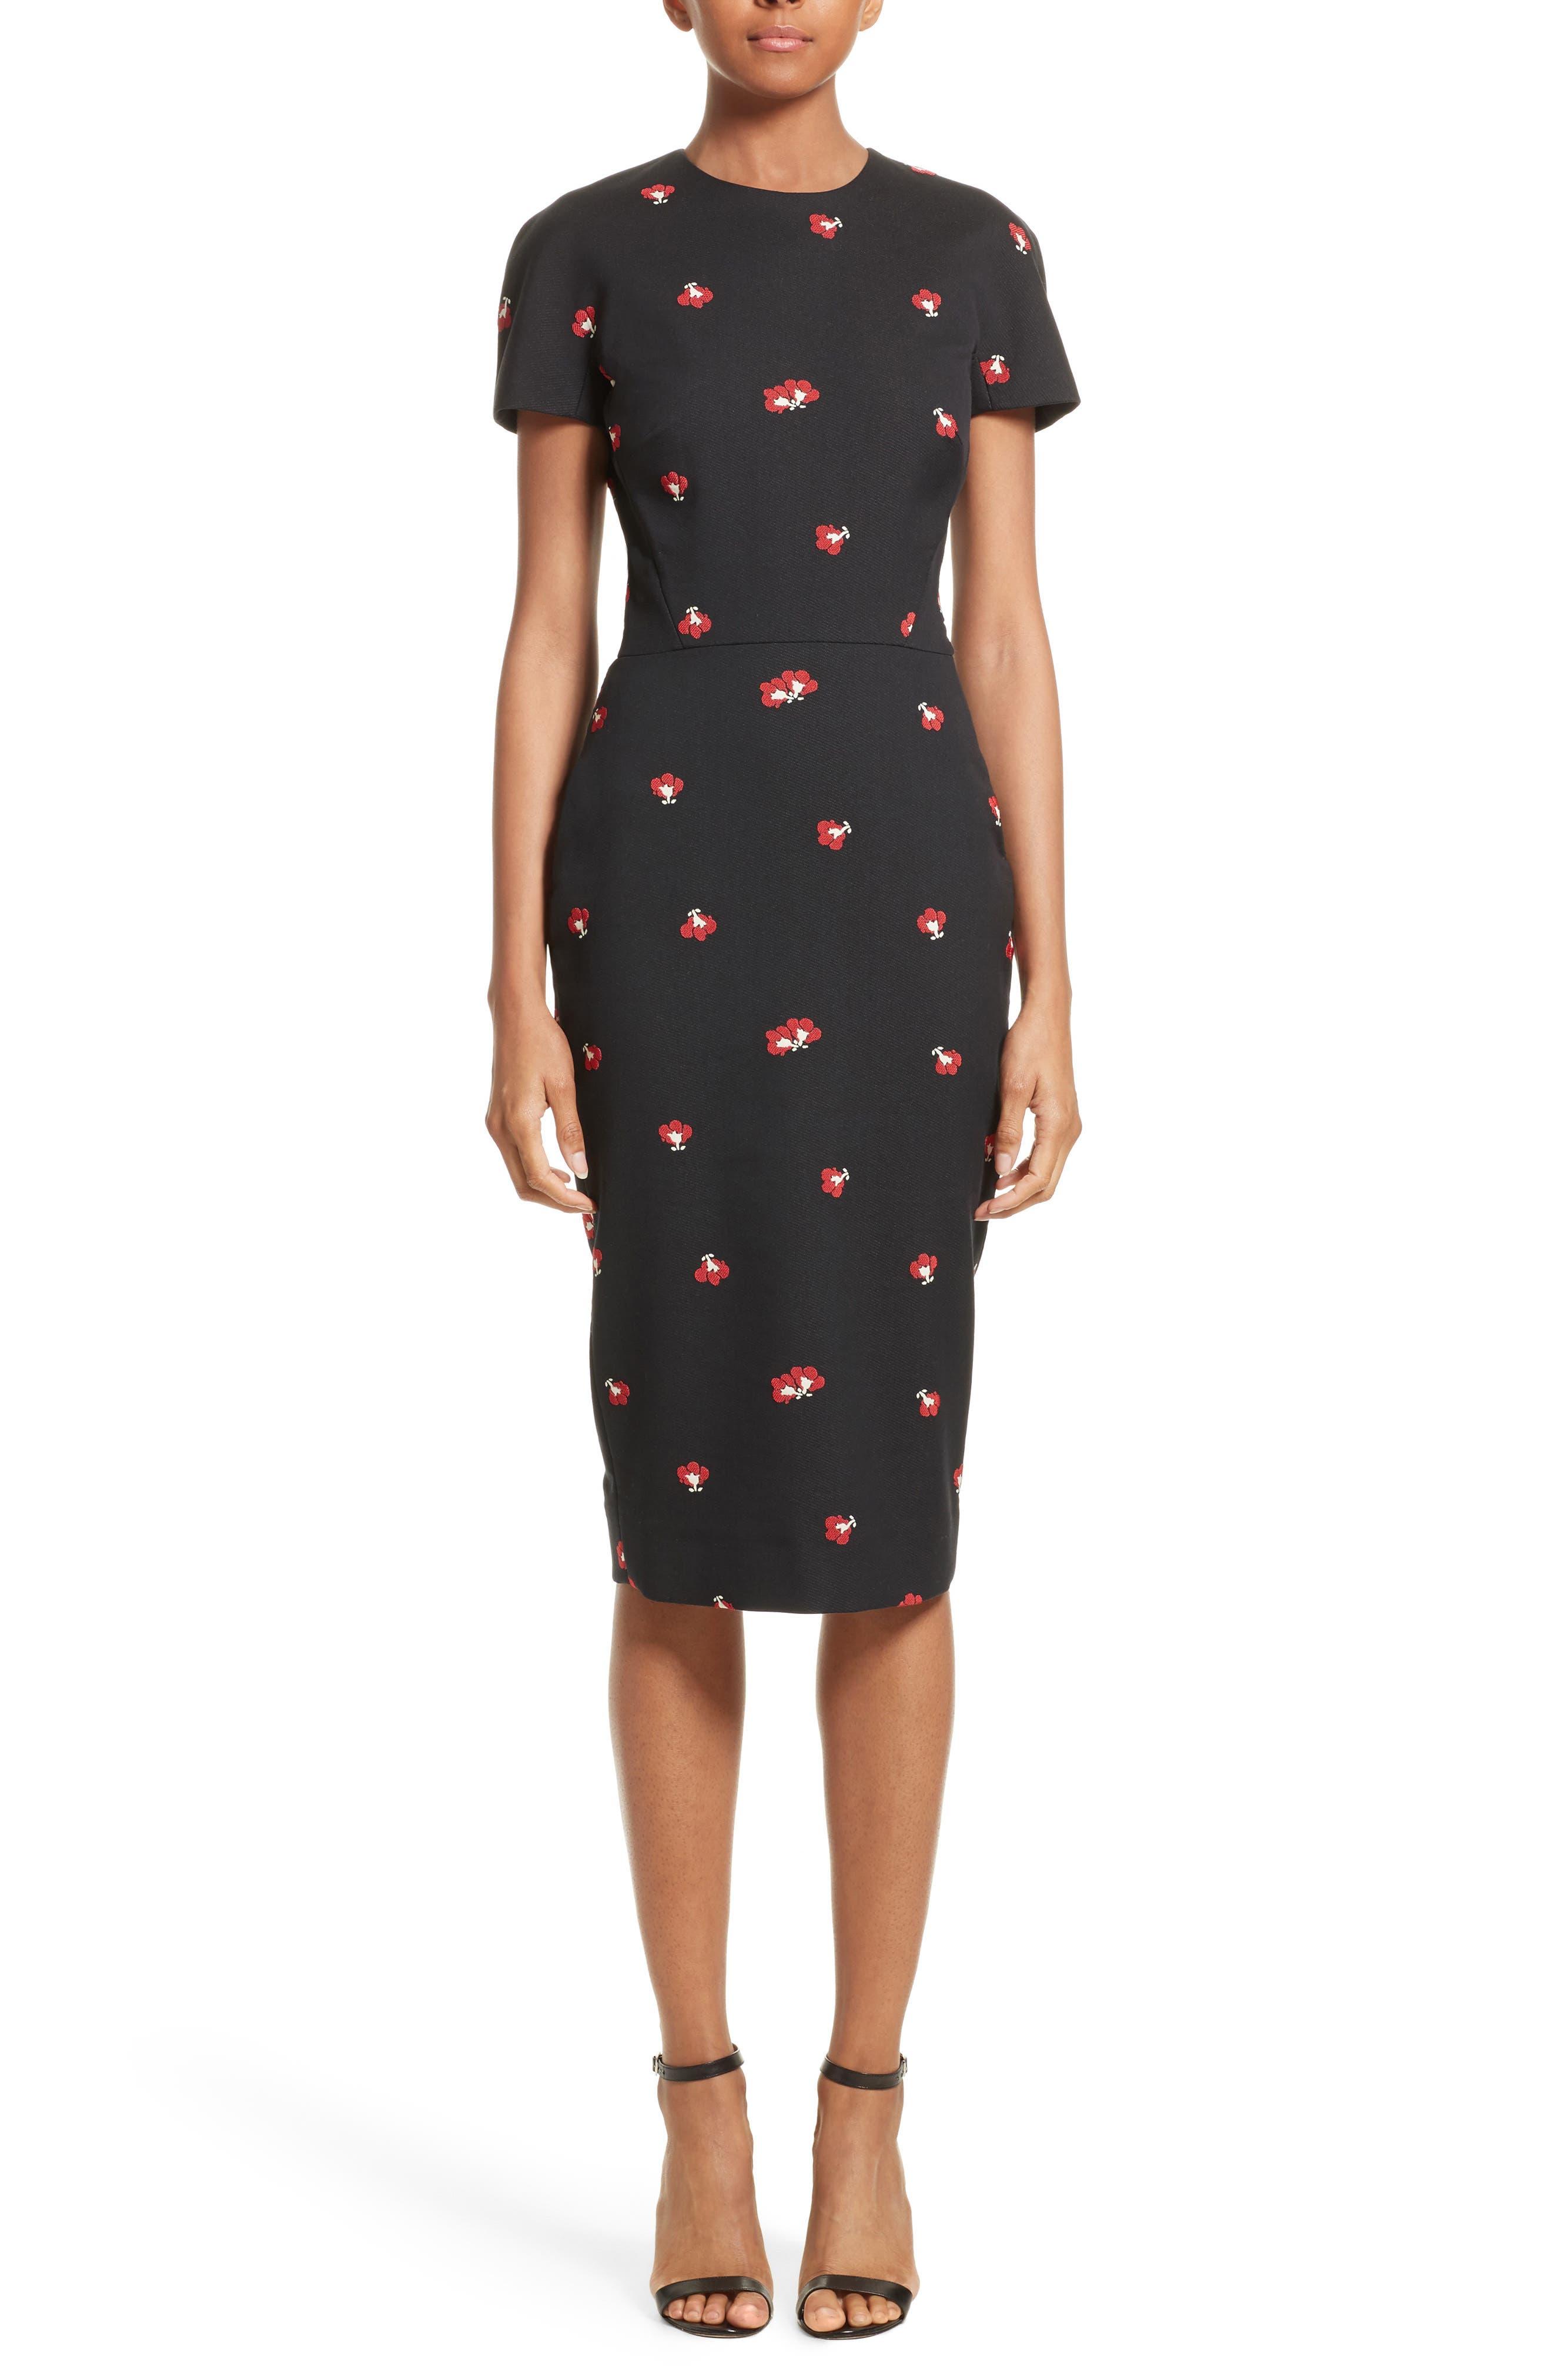 Victoria Beckham Flower Print Pencil Dress